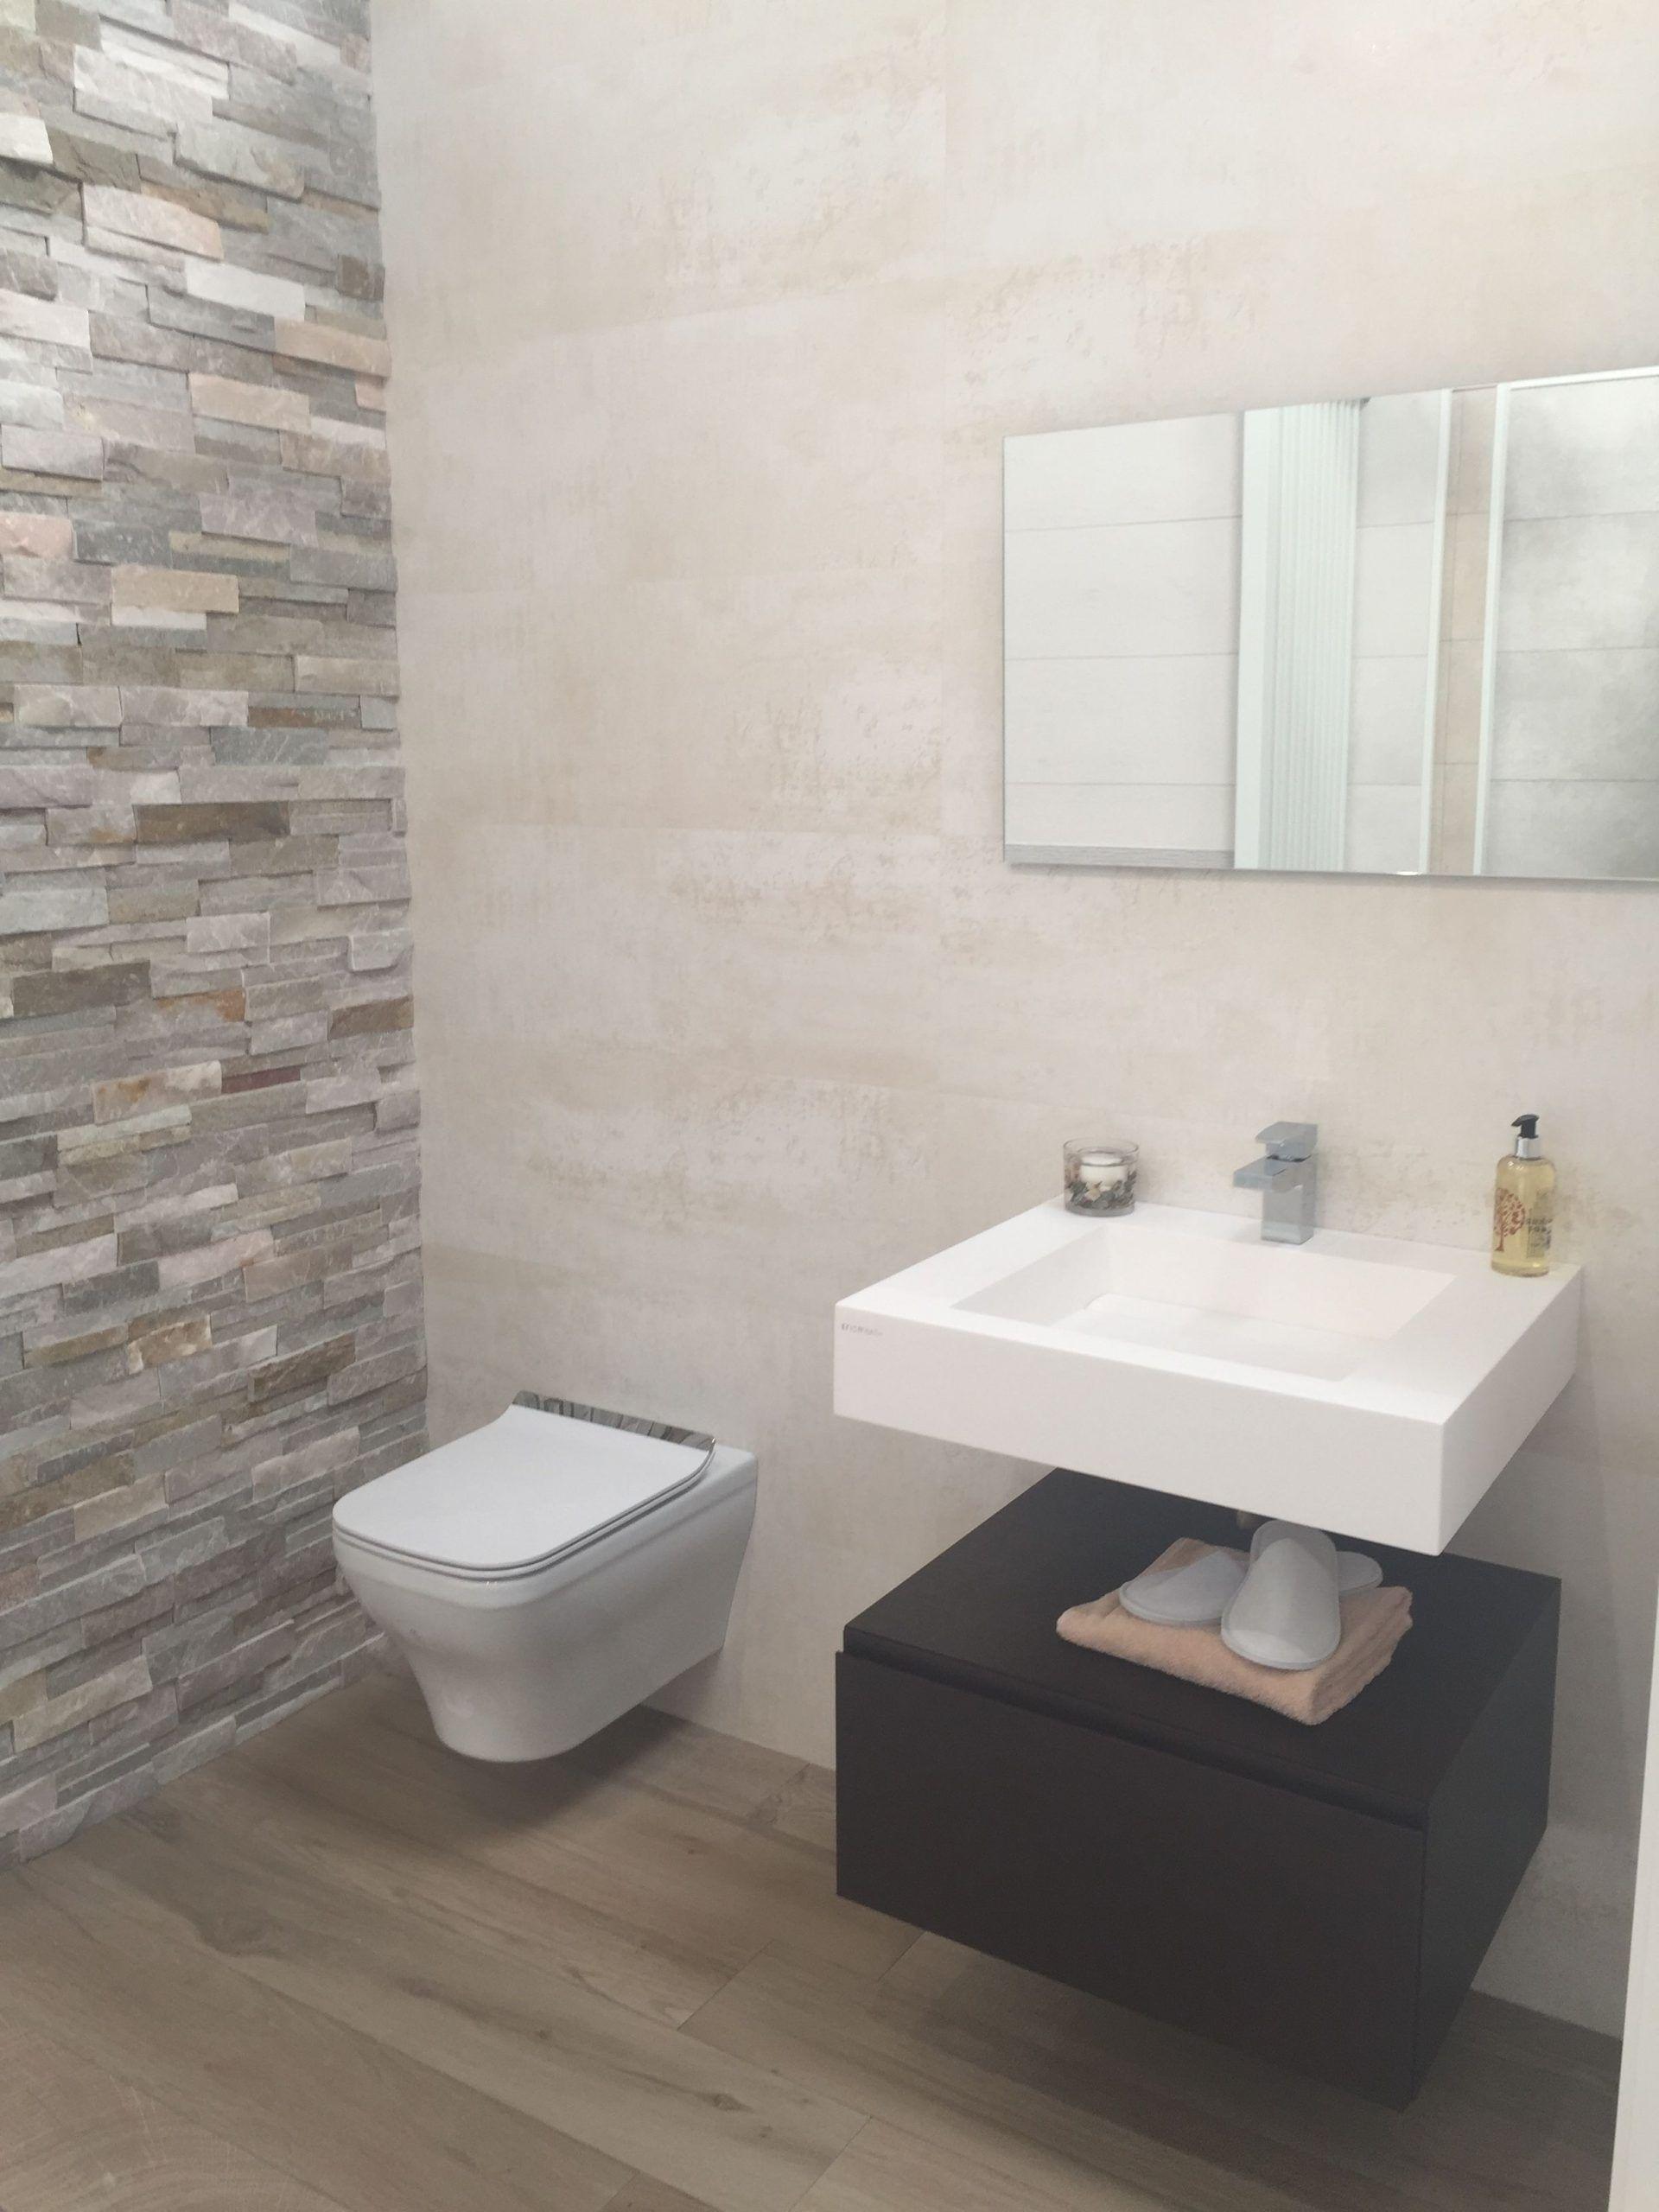 Split Face Slate Stone Tile Feature Wall And Bathroom Tiles By Porcelanosa Ne Bathroom Face Fea In 2020 Bathroom Wall Tile Neutral Bathroom Decor Tile Bathroom